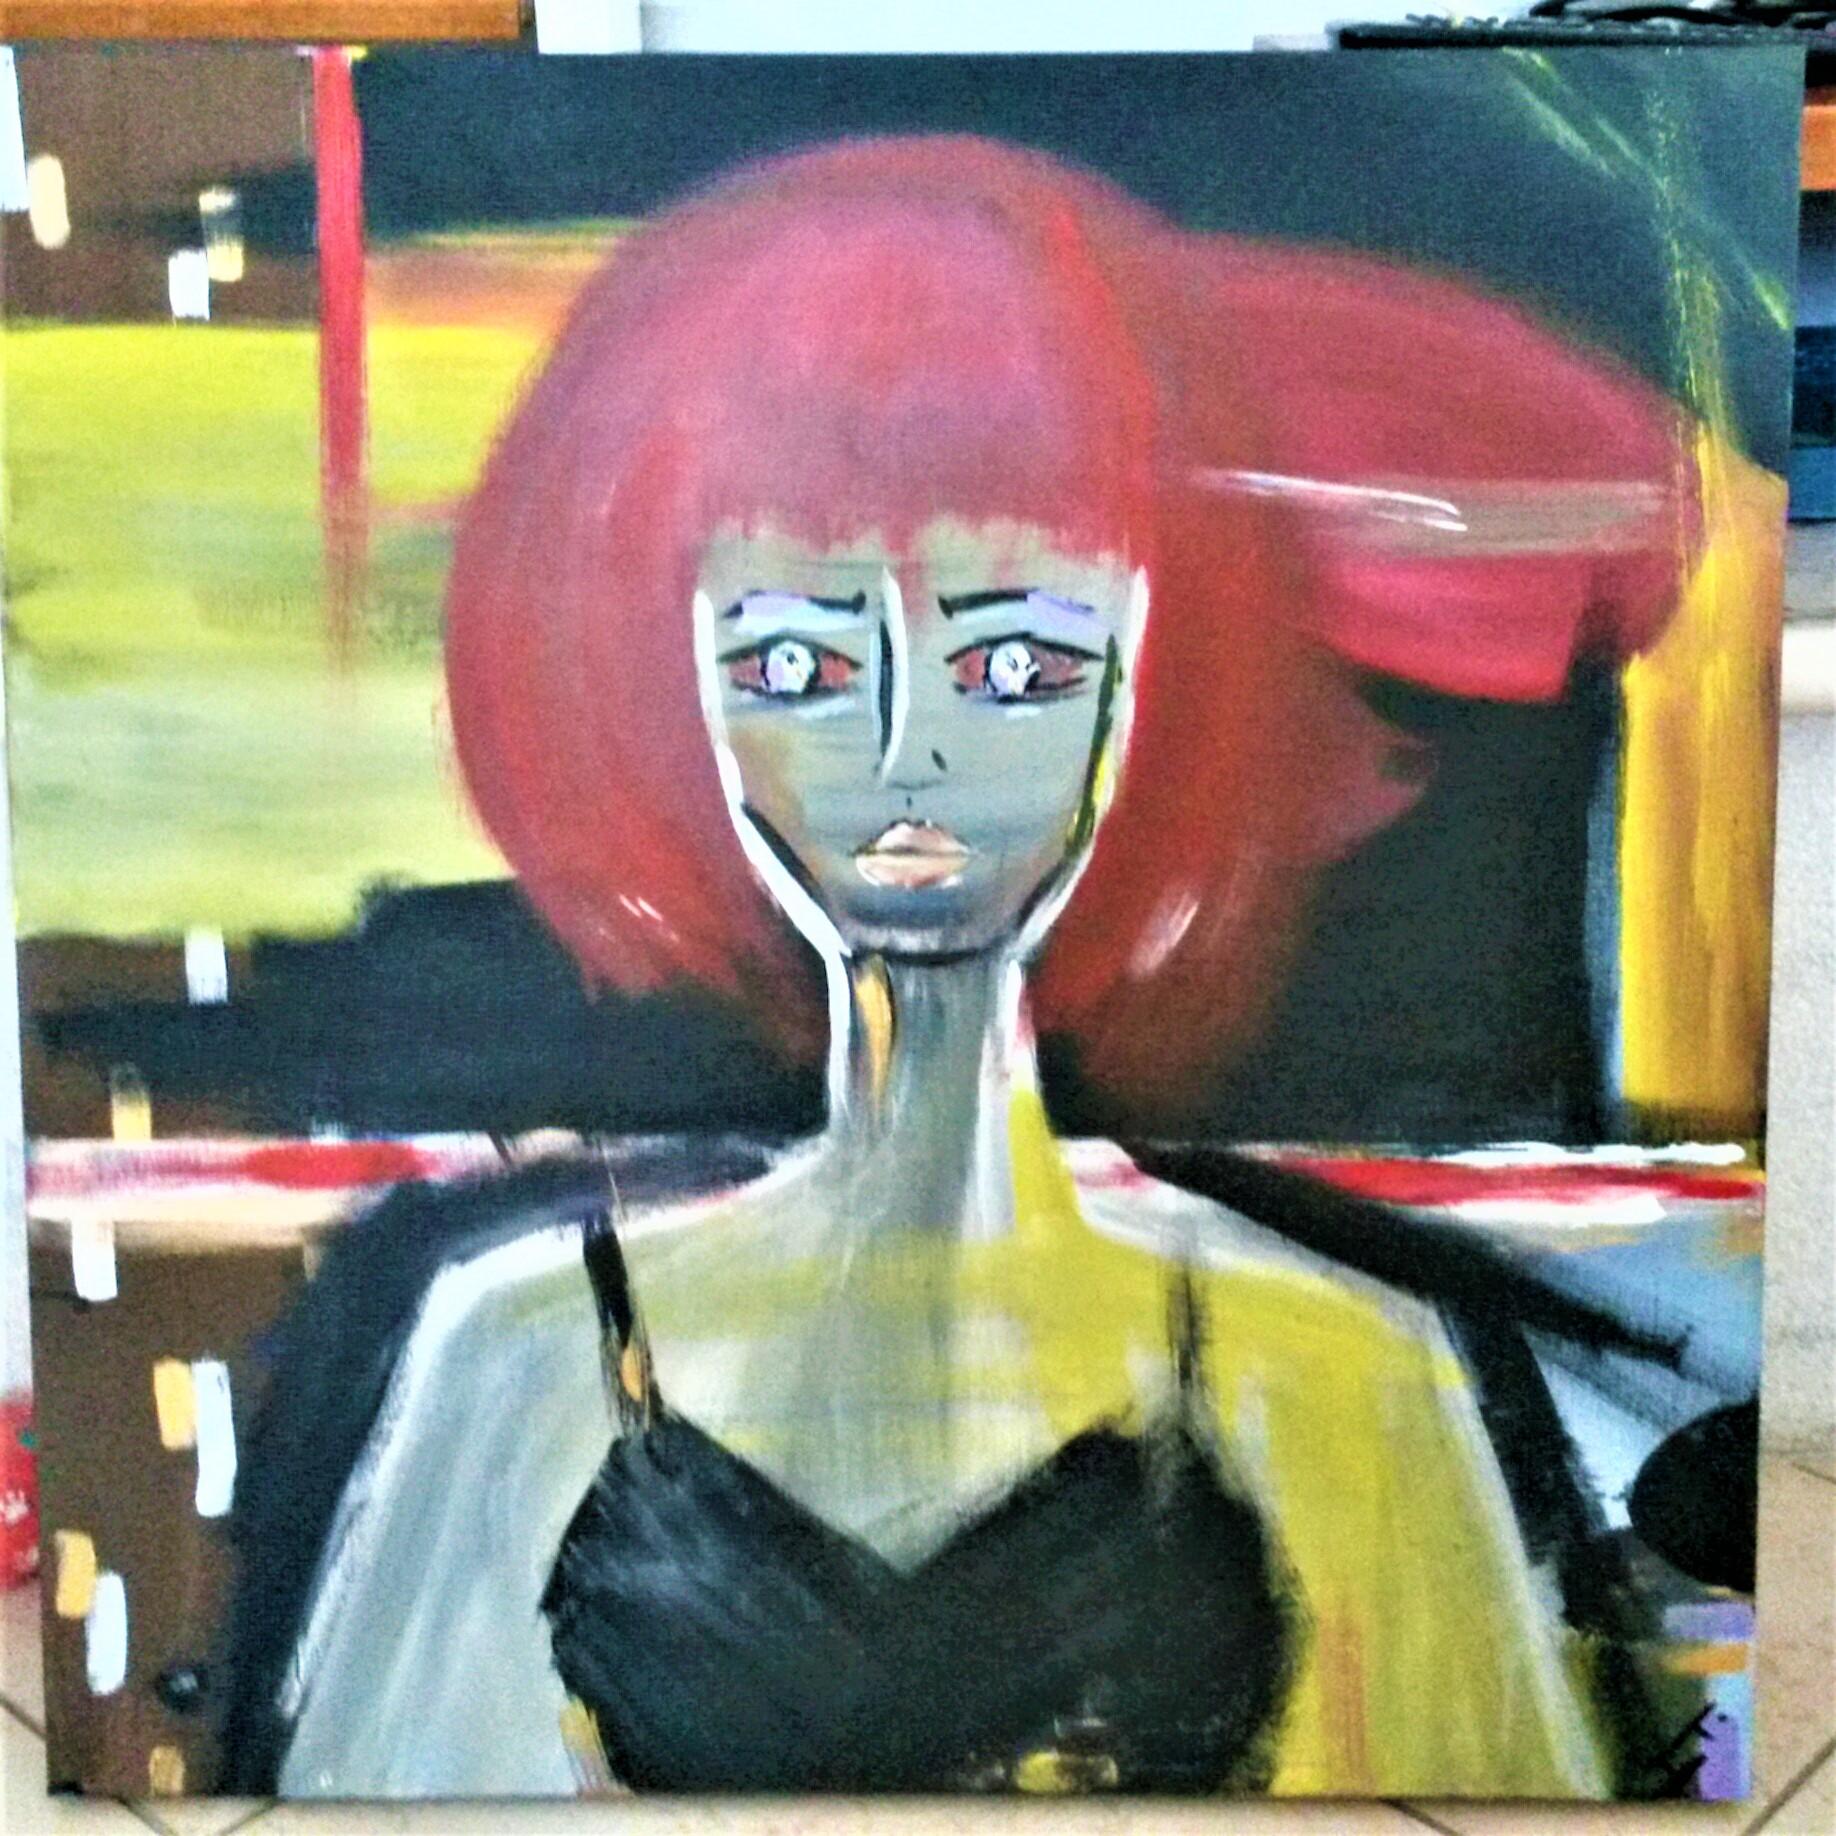 Fandango - Paintings - ItyArt - Ilary Tiralongo